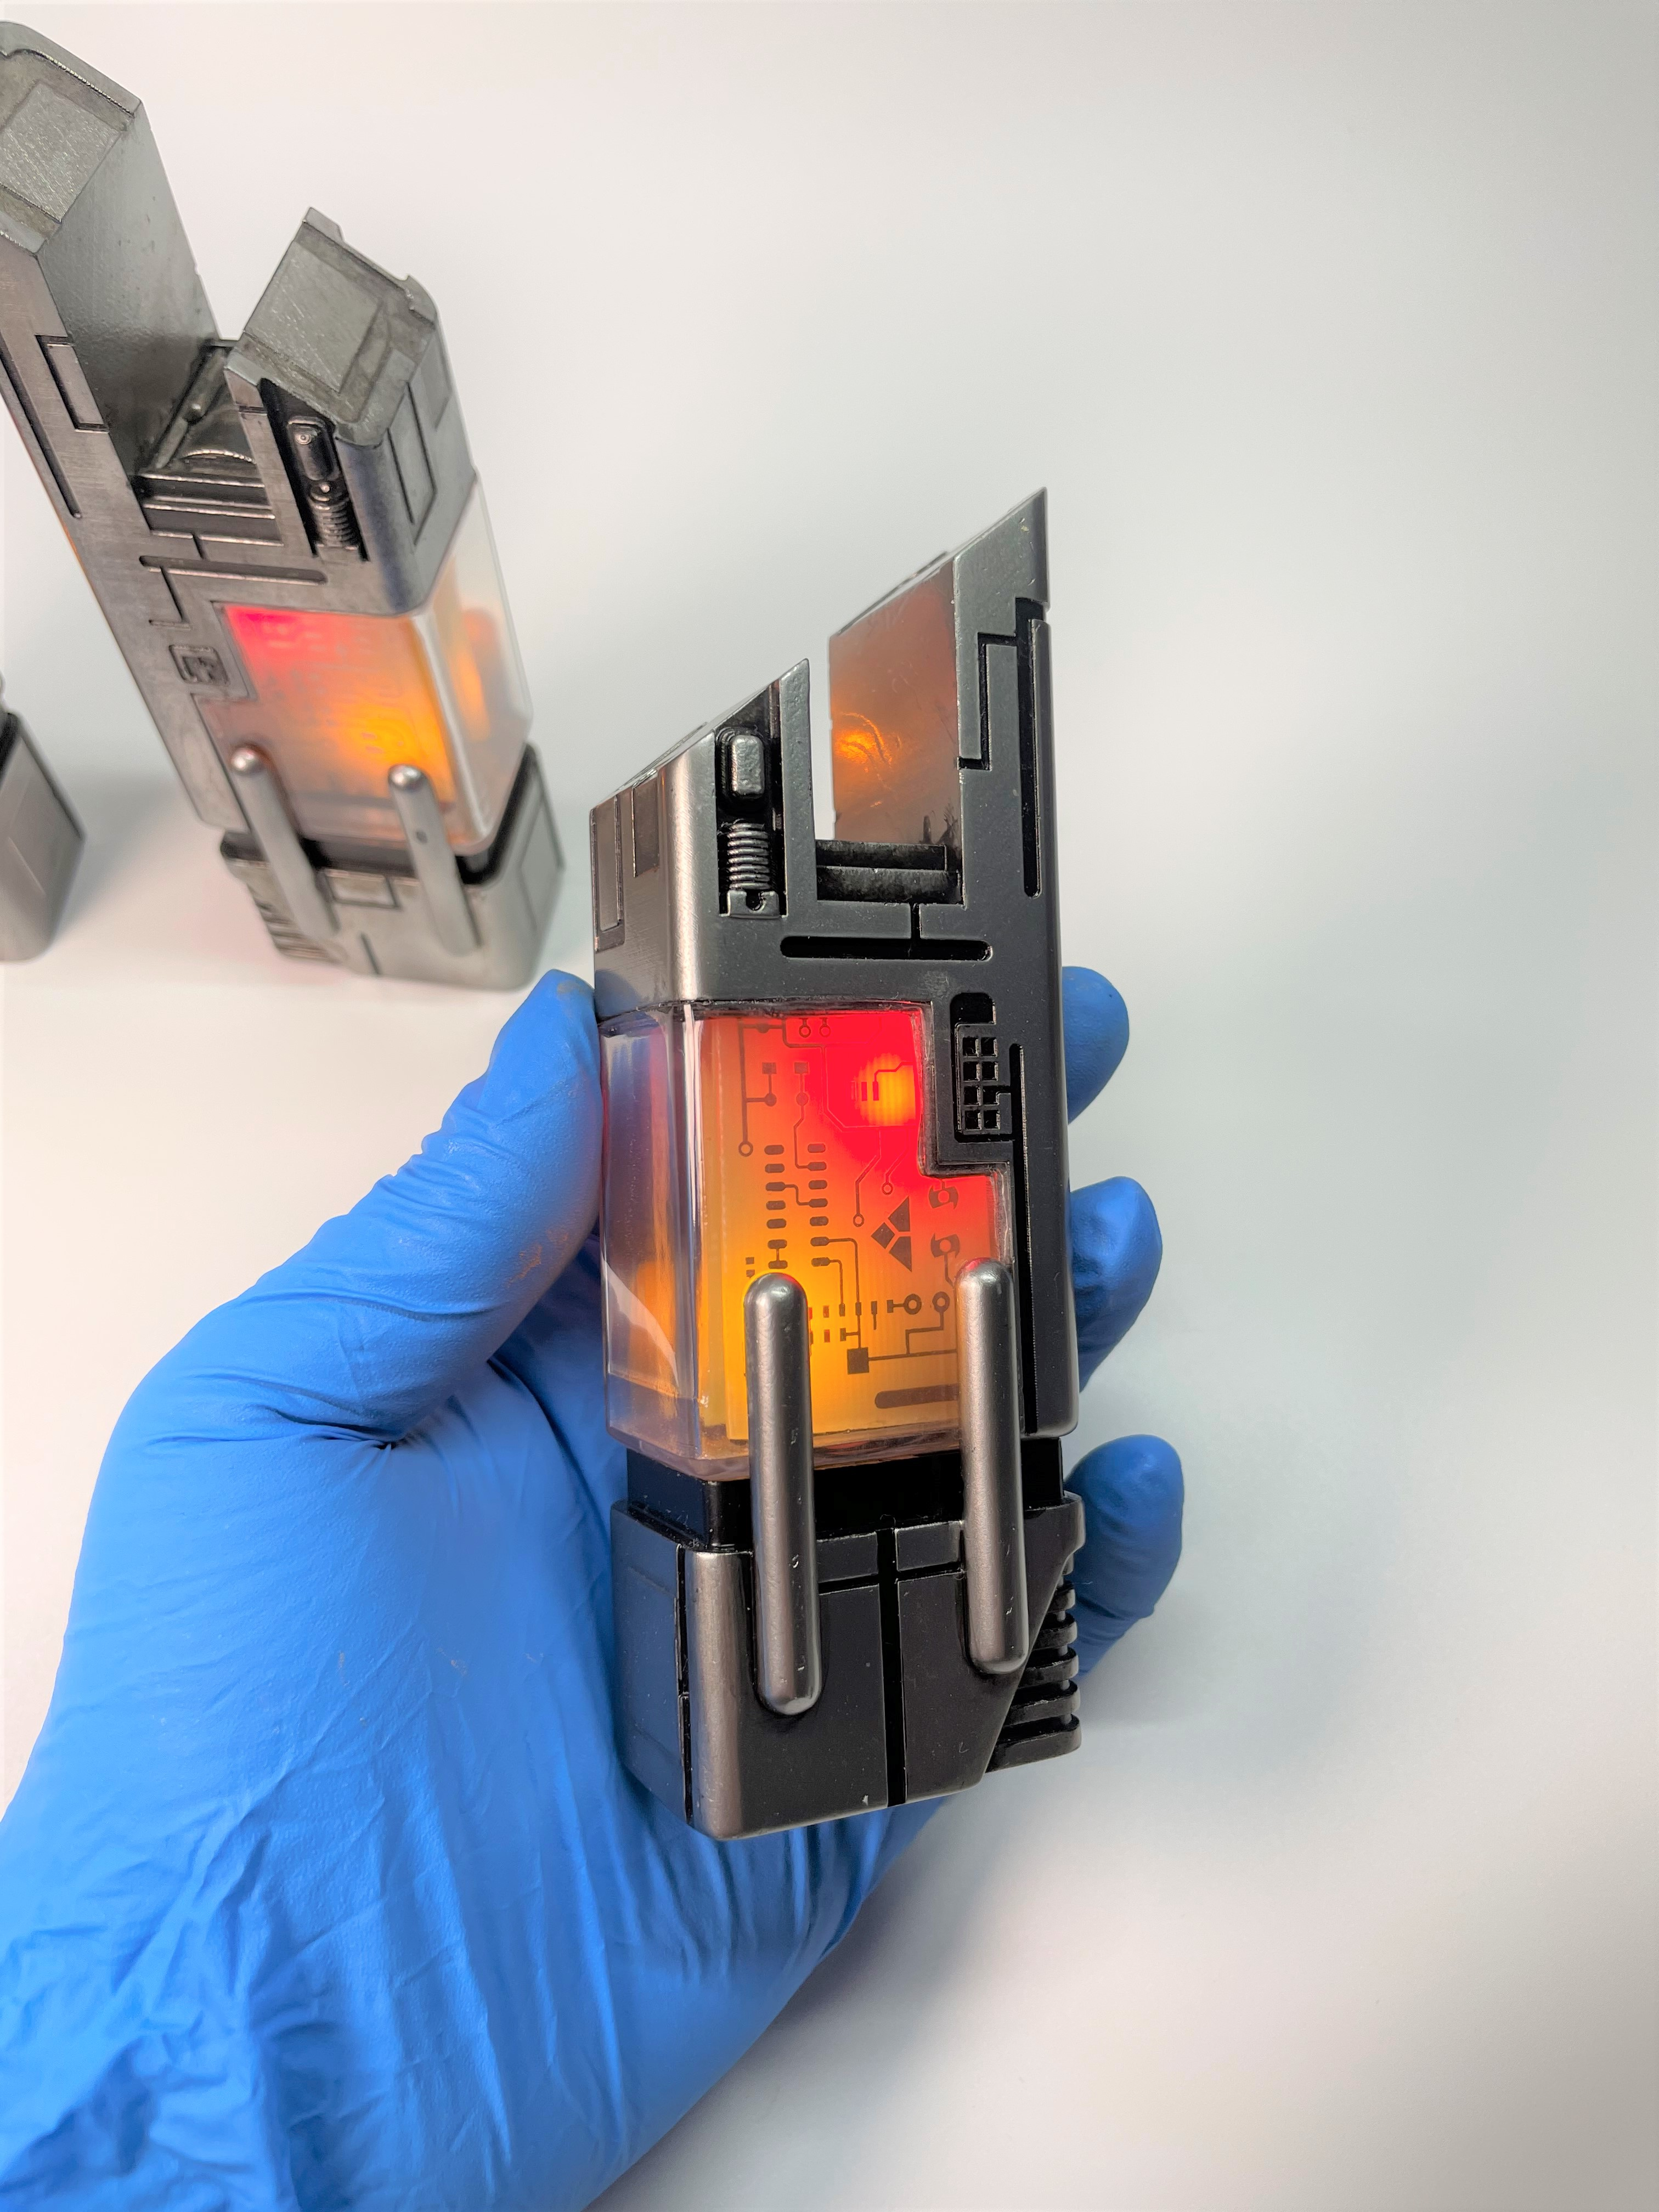 t-800-fuel-cell-10-jpg.jpg